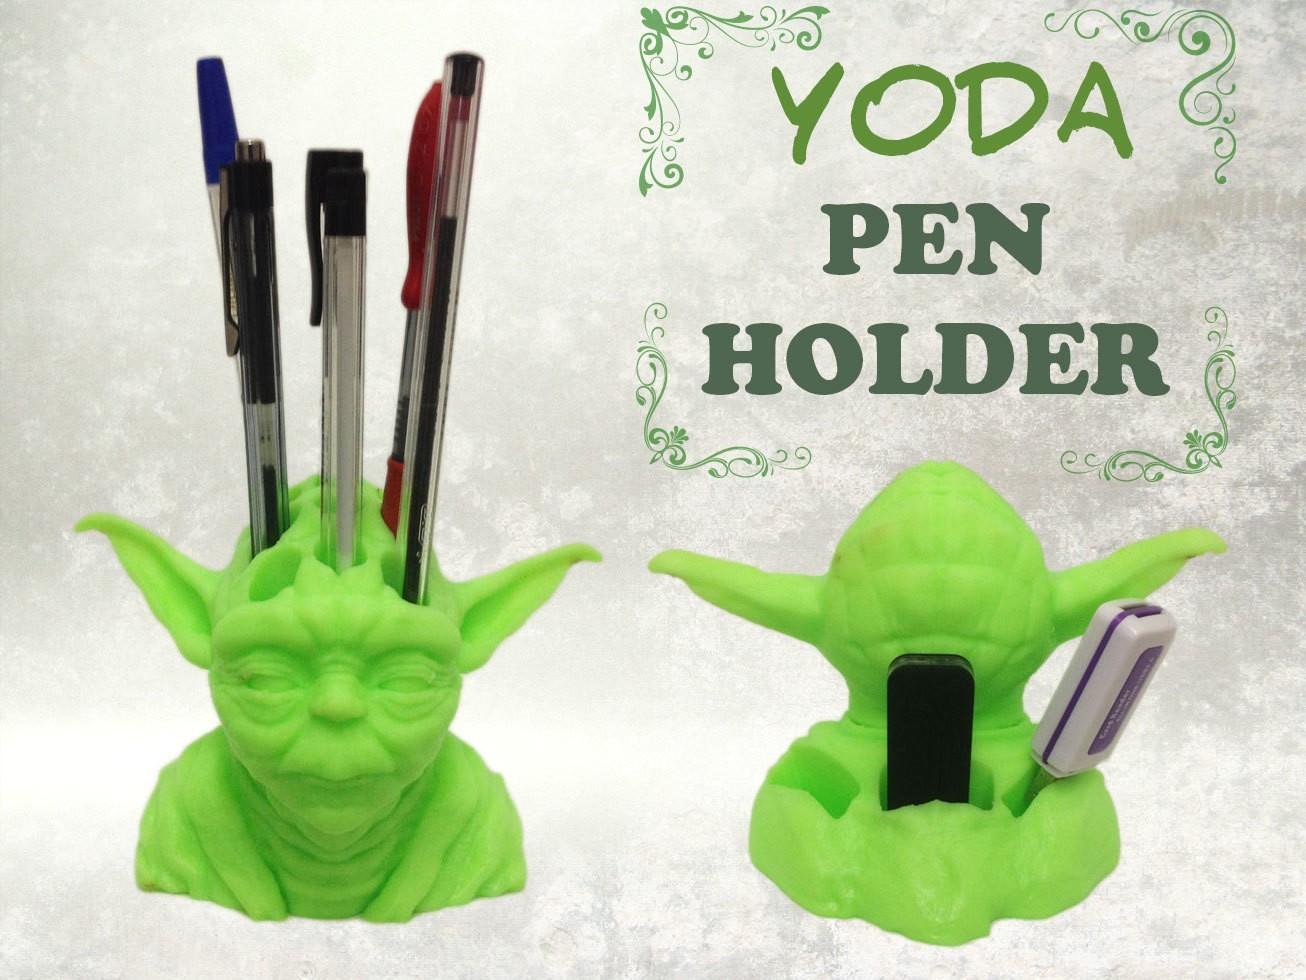 yoda-pen-holder-fb.jpg Download STL file Yoda Pen Holder • 3D printable object, Custom3DPrinting